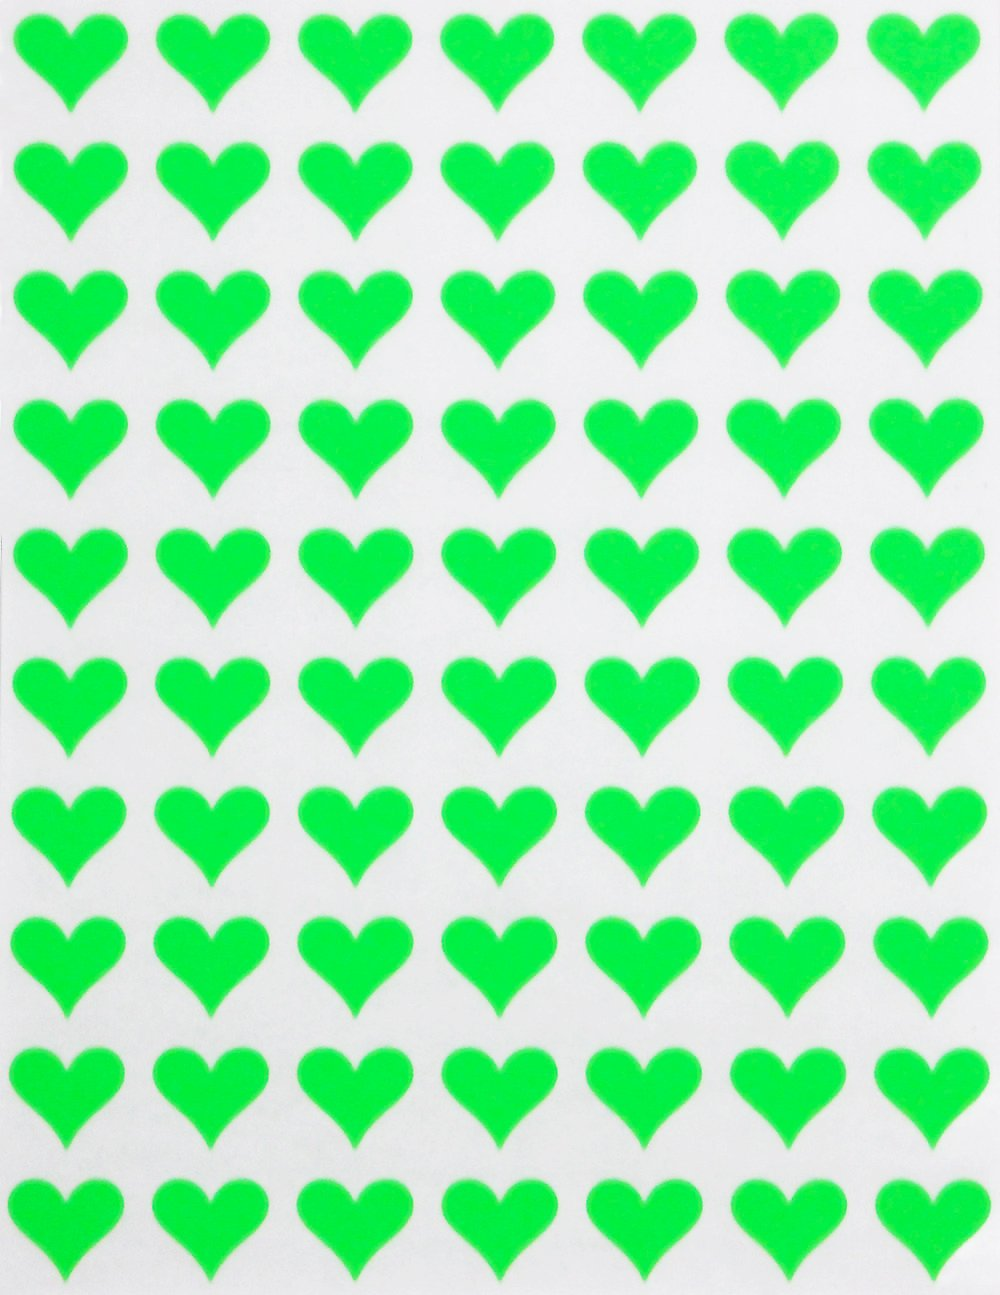 Etiquetas adhesivas permanentes de 1//2 pulgada Etiquetas de coraz/ón para regalos manualidades y /álbumes de recortes 350 unidades por Royal Green Pegatinas de corazones de 13 mm